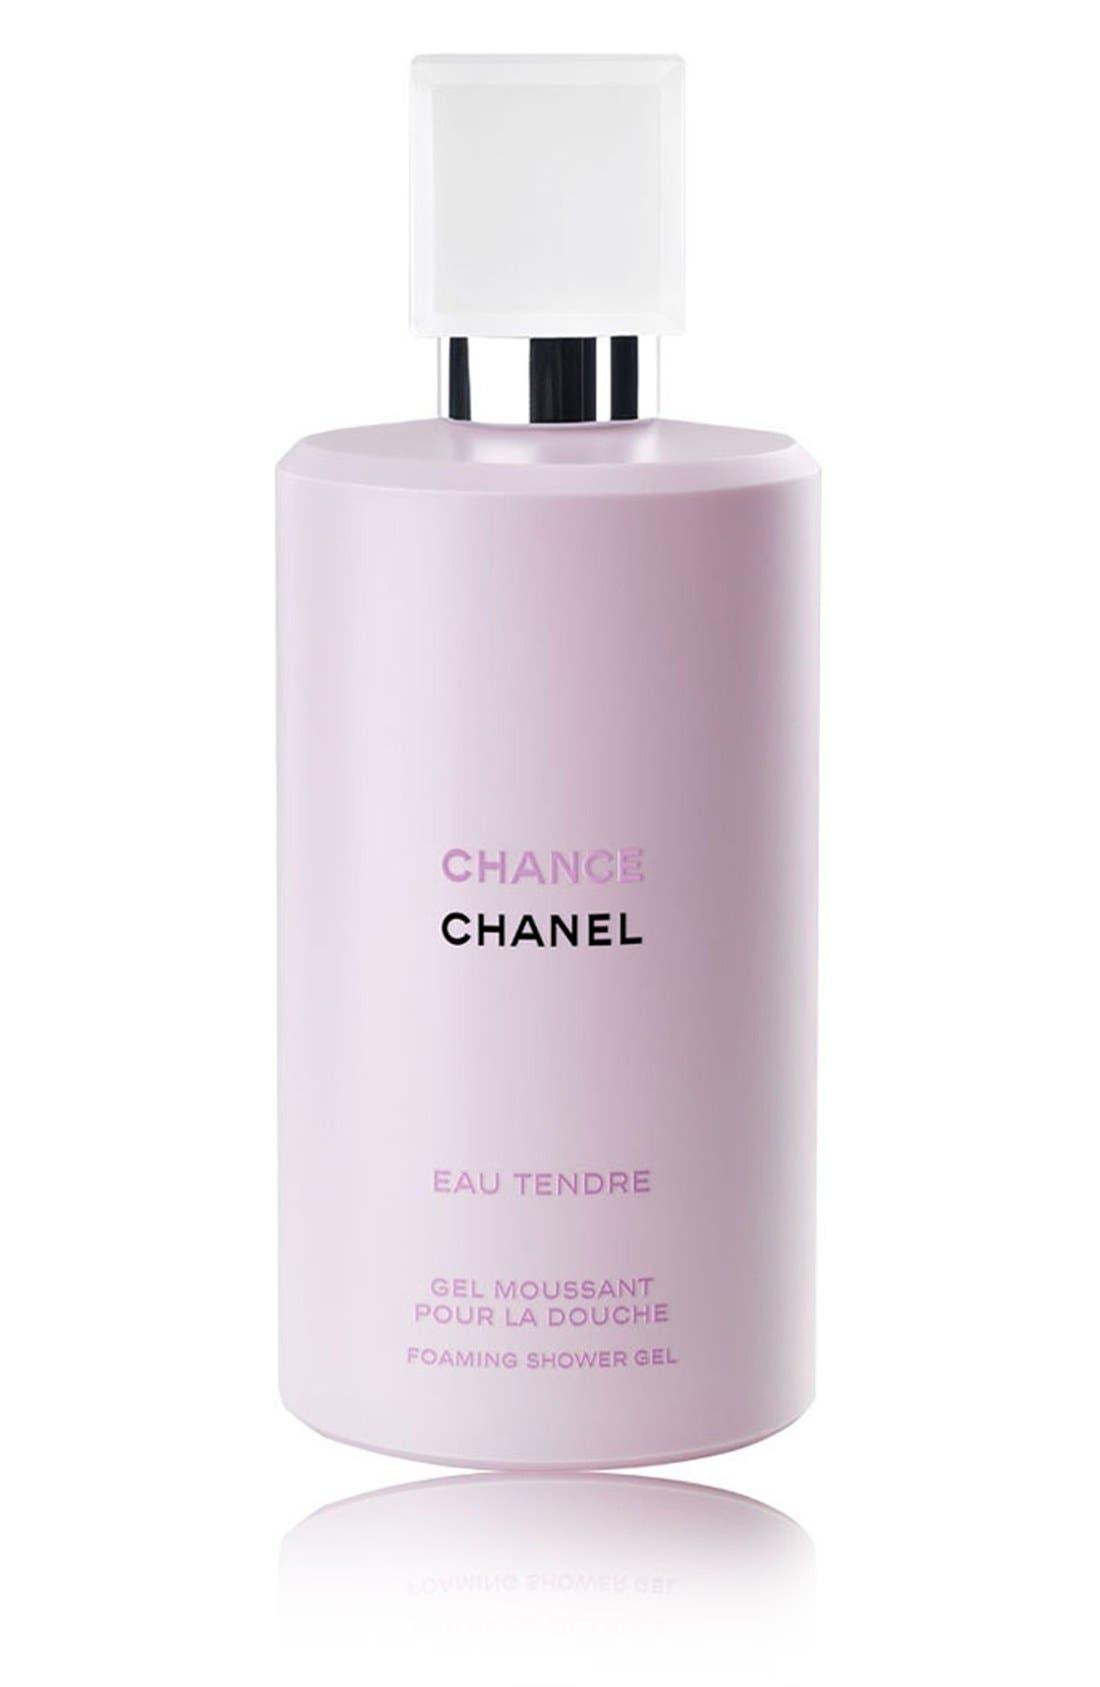 CHANEL CHANCE EAU TENDRE  Foaming Shower Gel